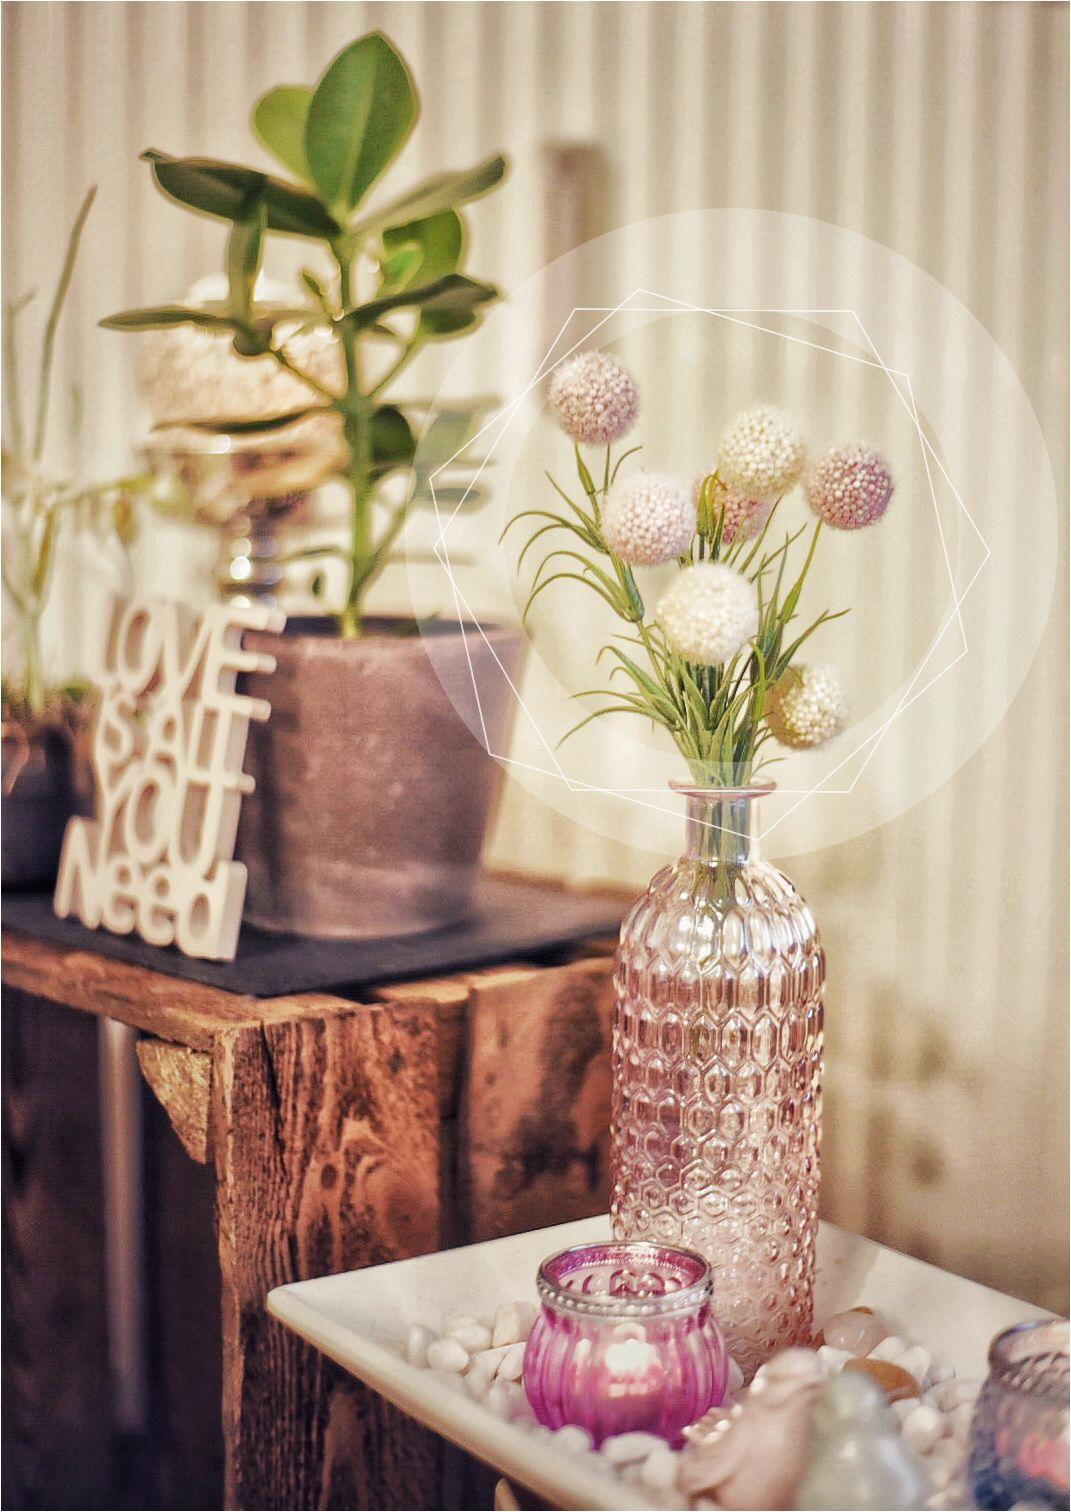 Badezimmer Deko Vasen Spring Frühling Vase Und Blümchen Von Nanu Nana Love Von